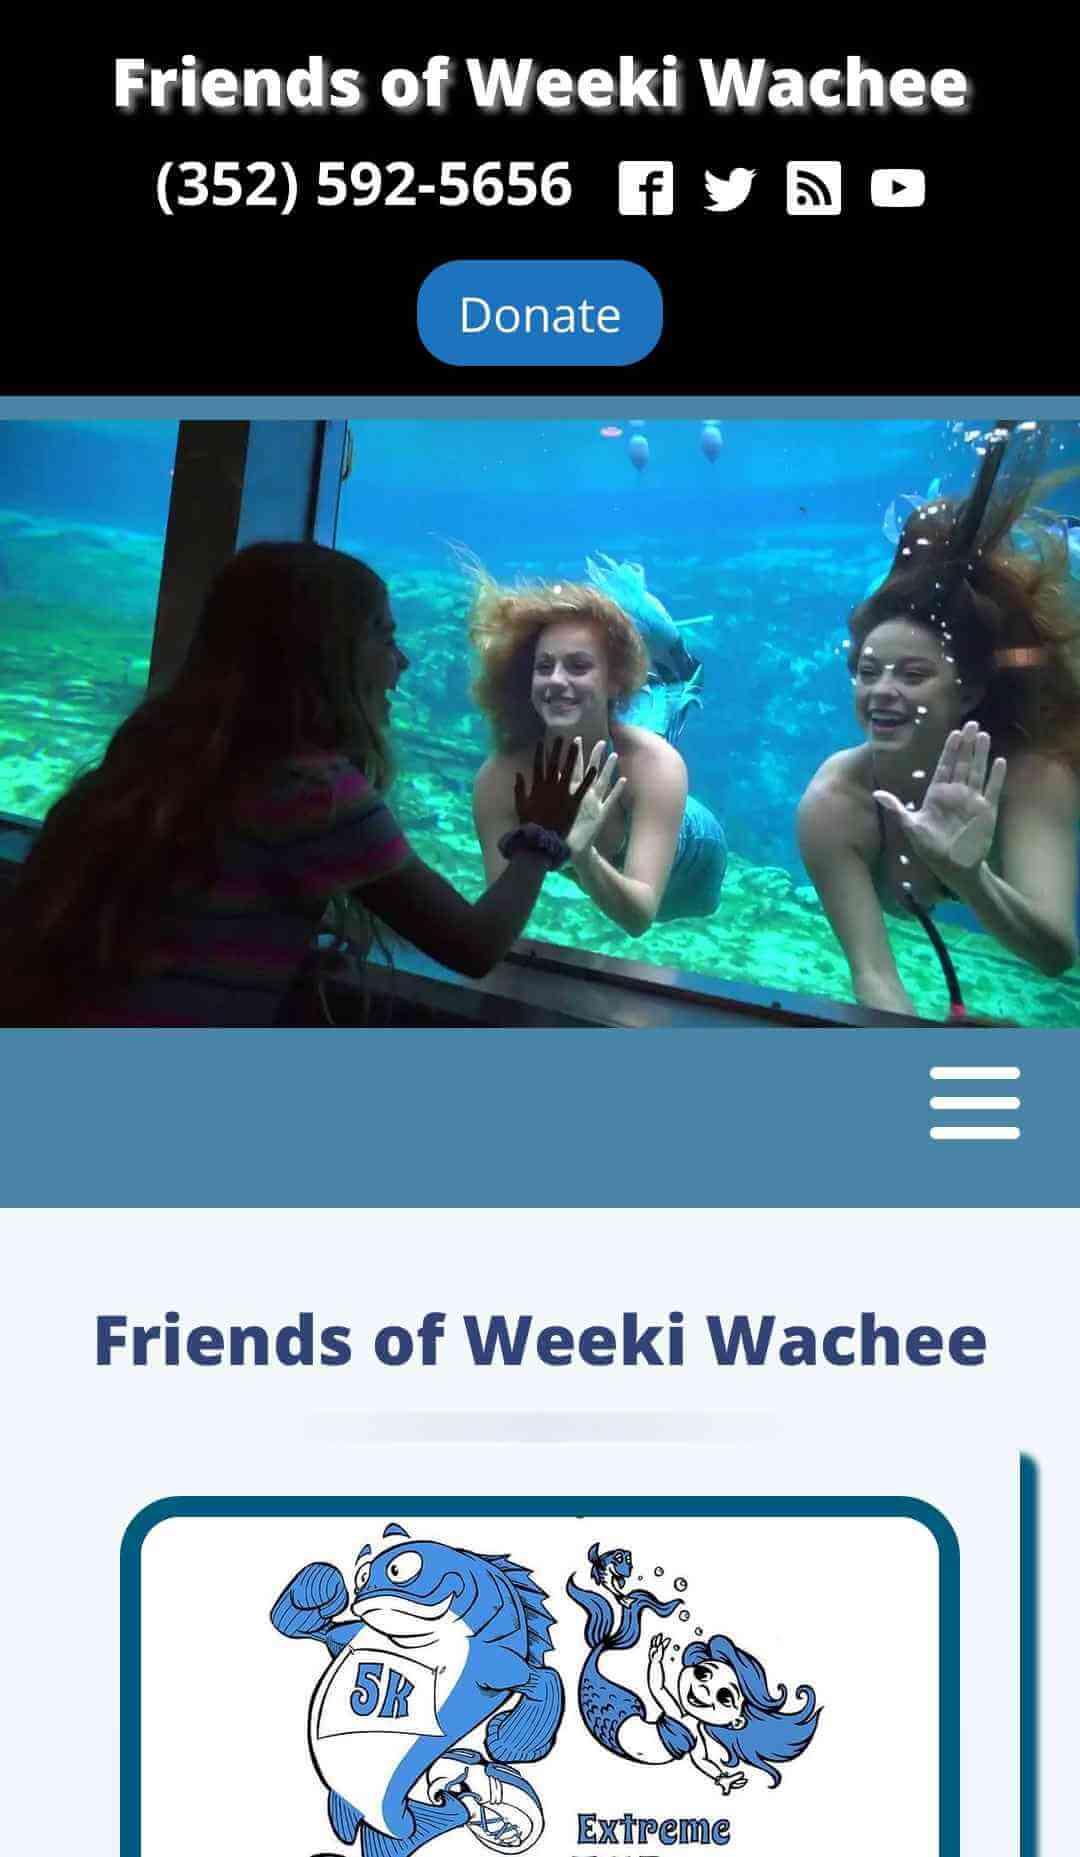 Friends of Weekie Wachee